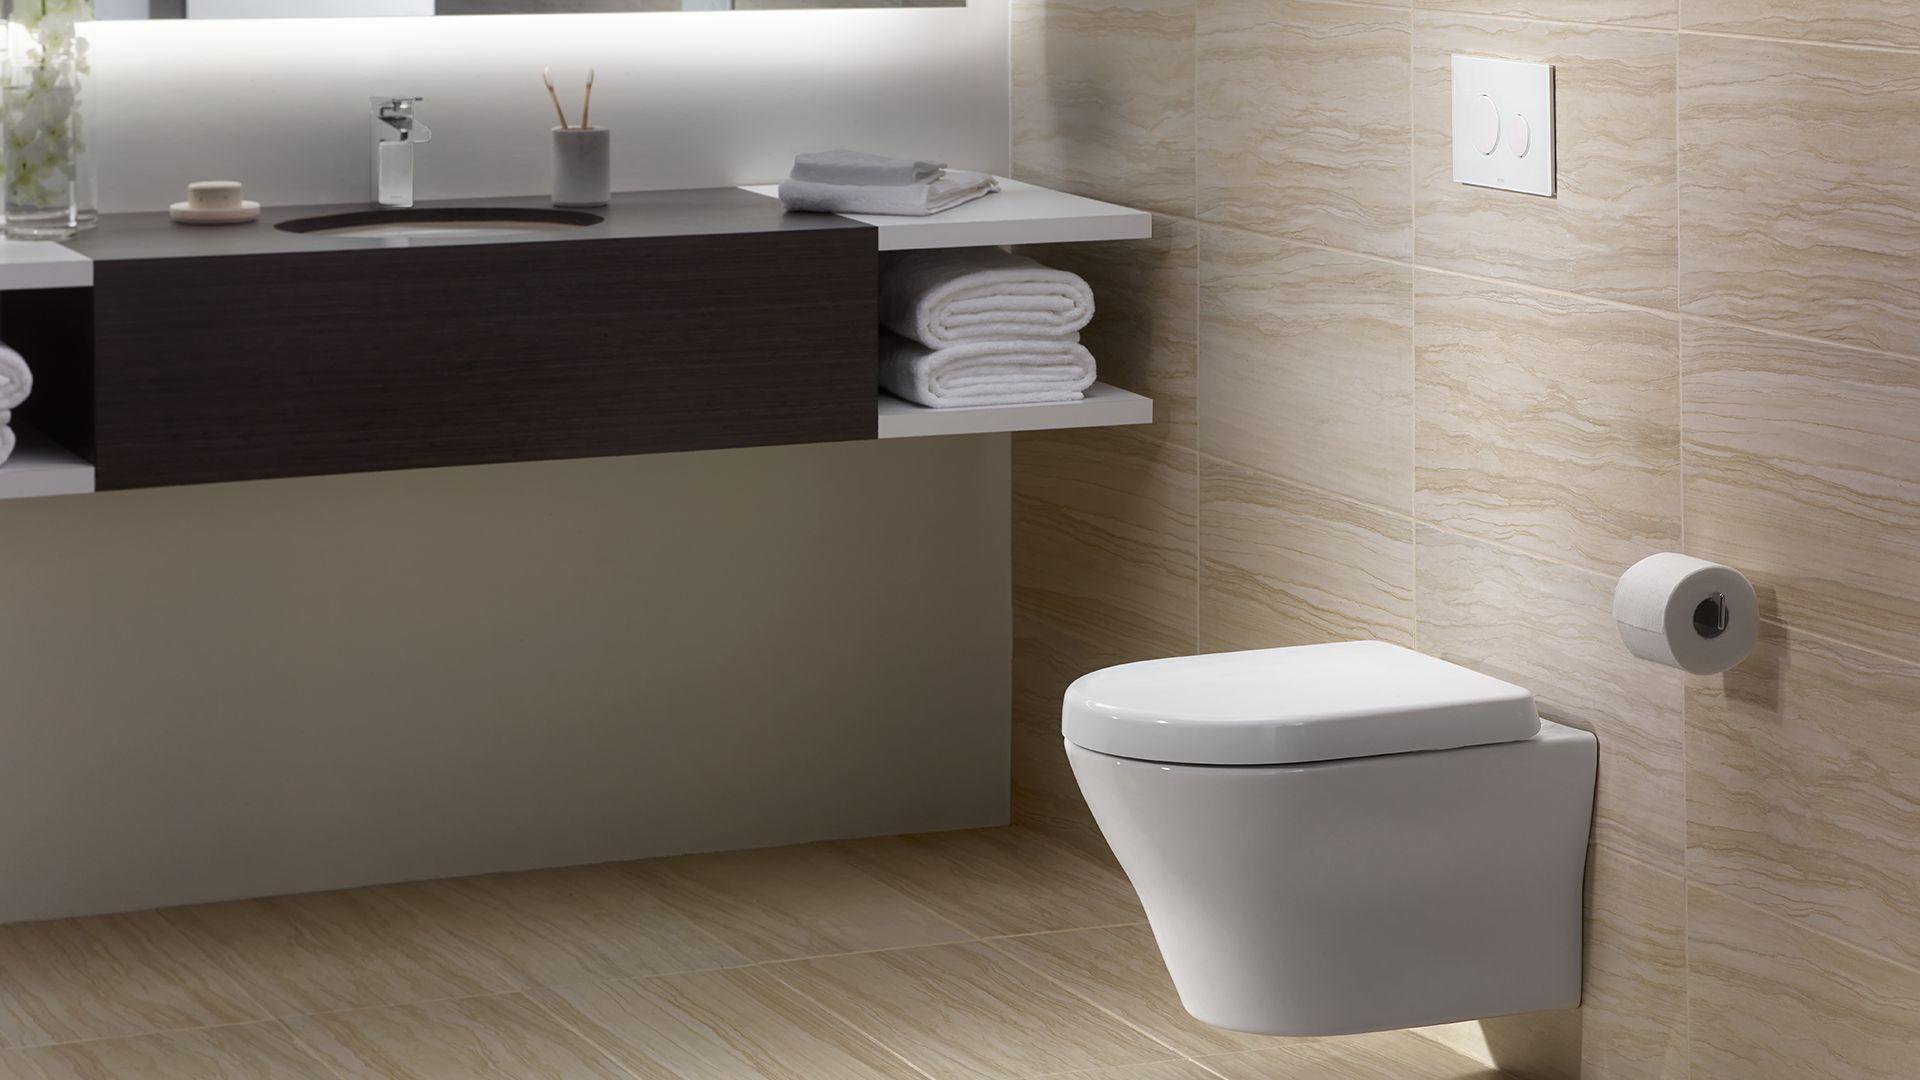 Mh 174 Wall Hung Dual Flush Toilet 1 28 Gpf Amp 0 9 Gpf D